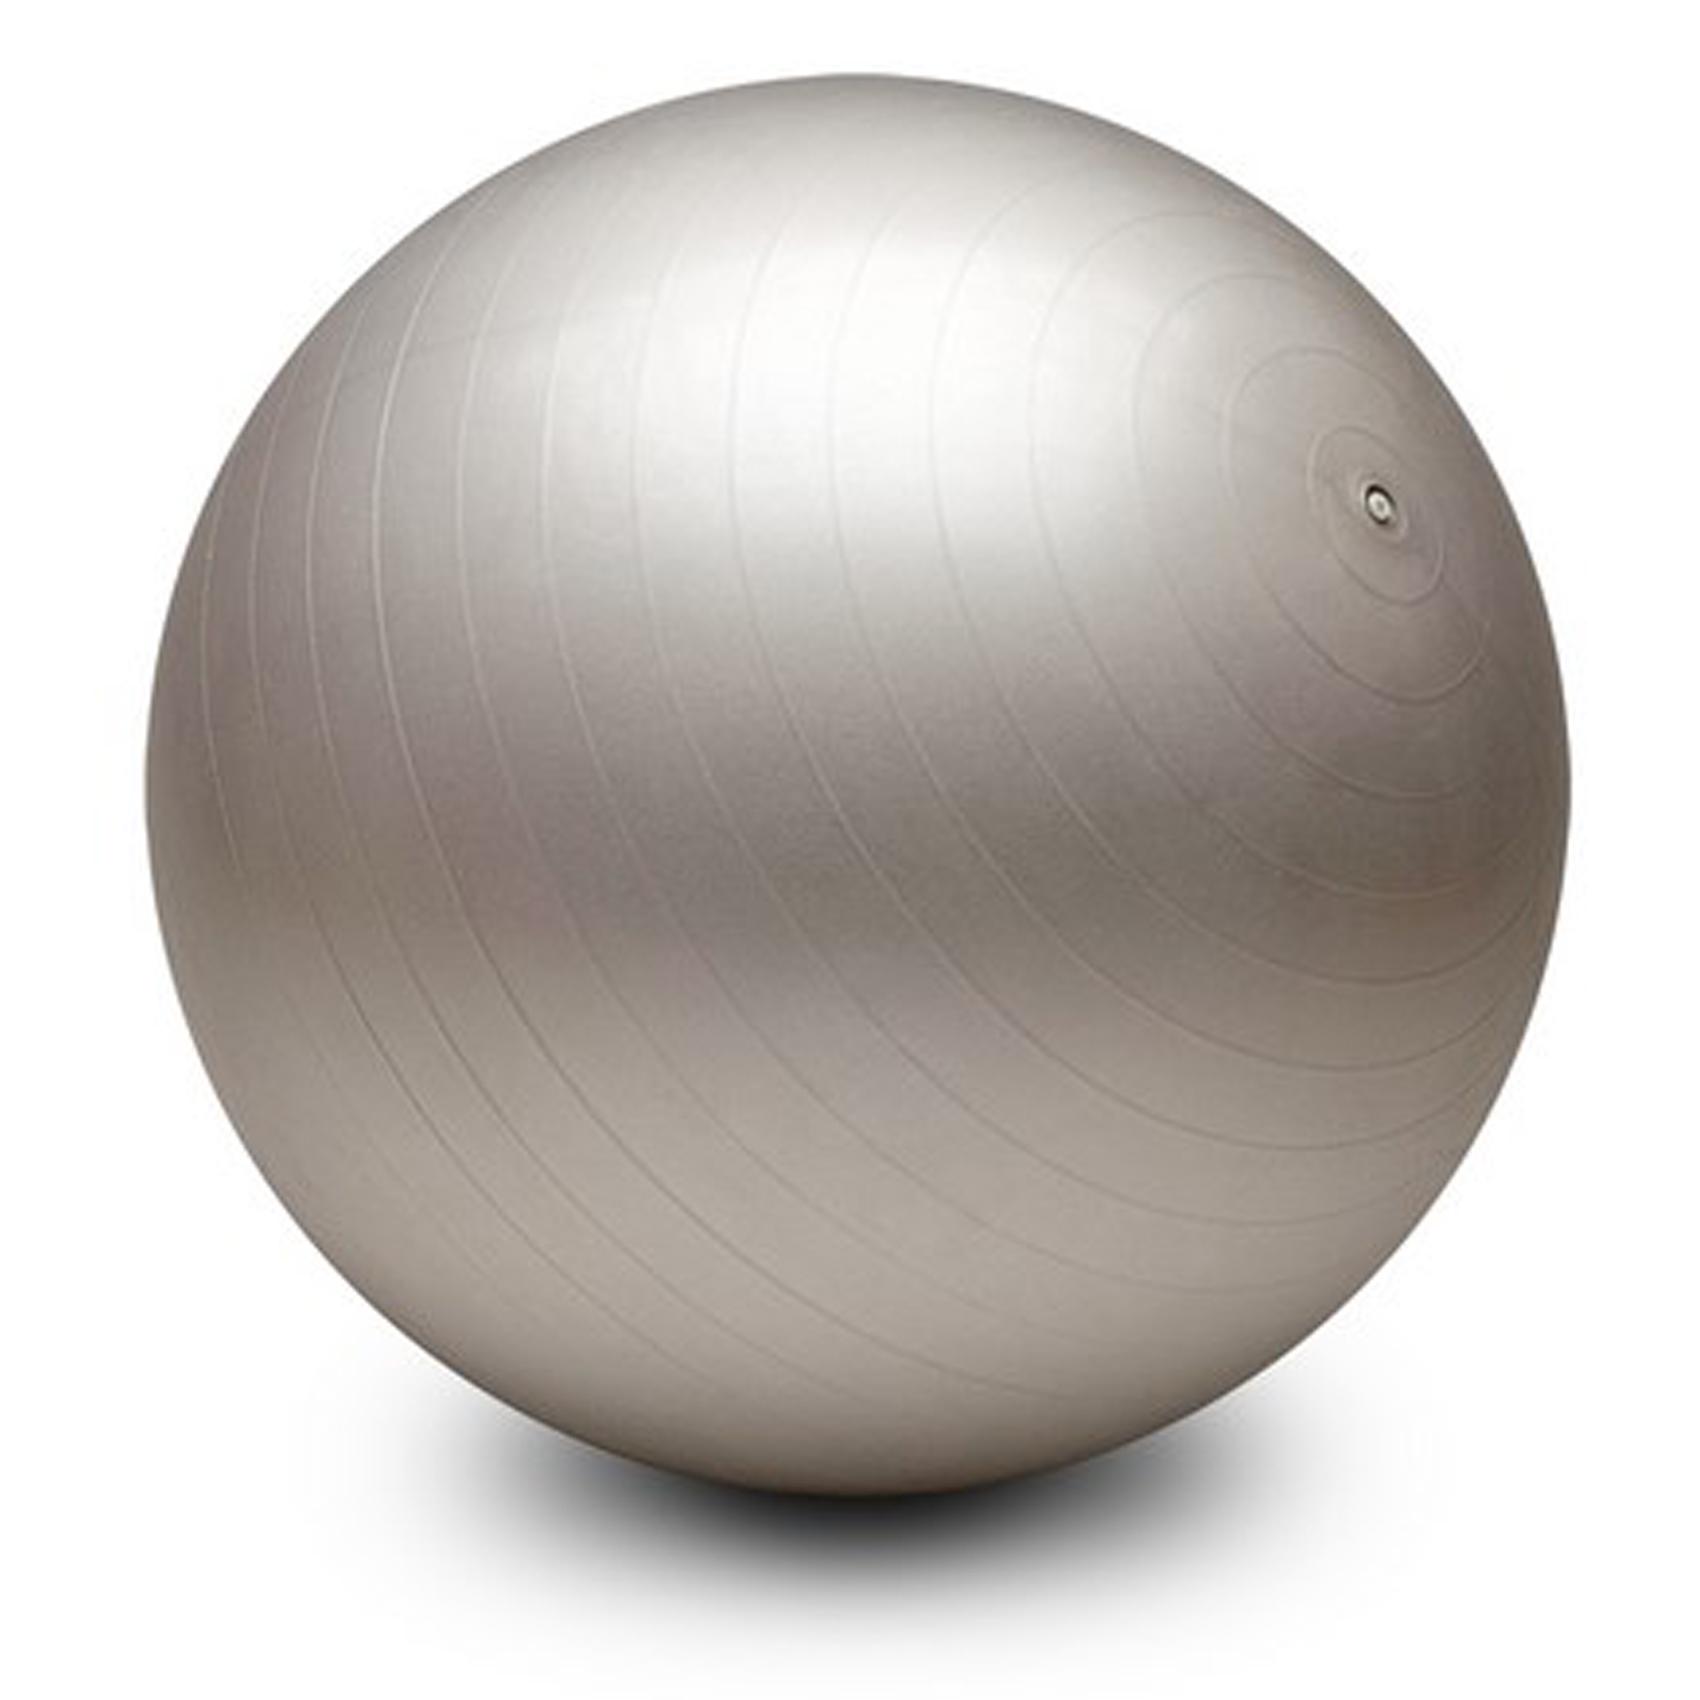 gymnastikball sitzball fitnessball b rostuhl yogaball 65cm farbe silber sg 042 ebay. Black Bedroom Furniture Sets. Home Design Ideas